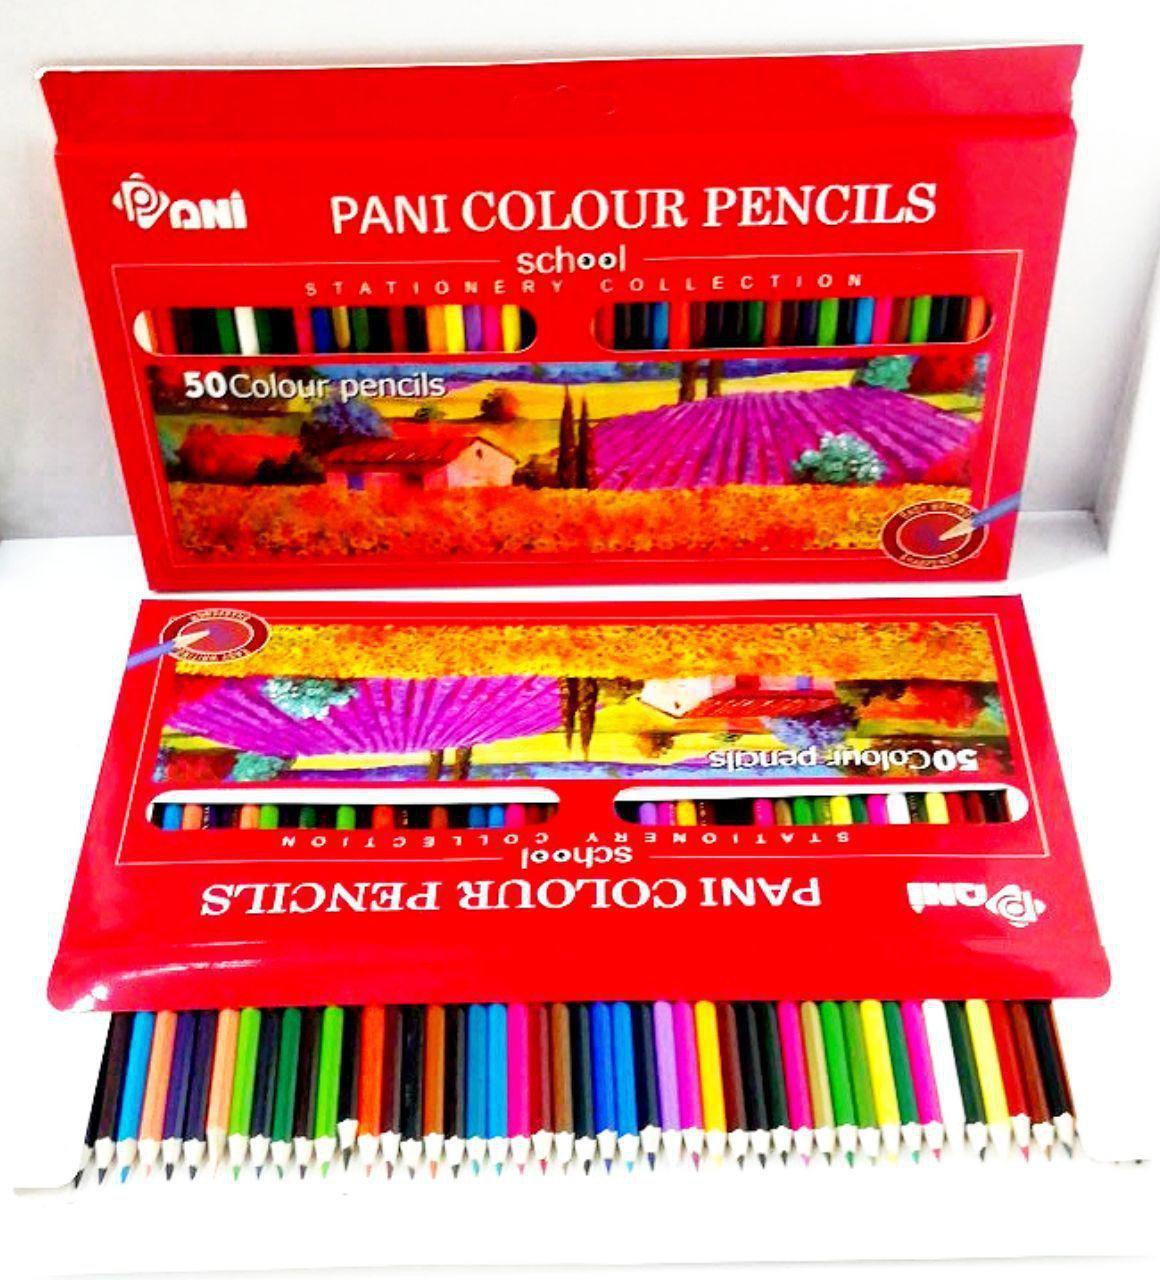 مداد رنگی 50 رنگ پانی